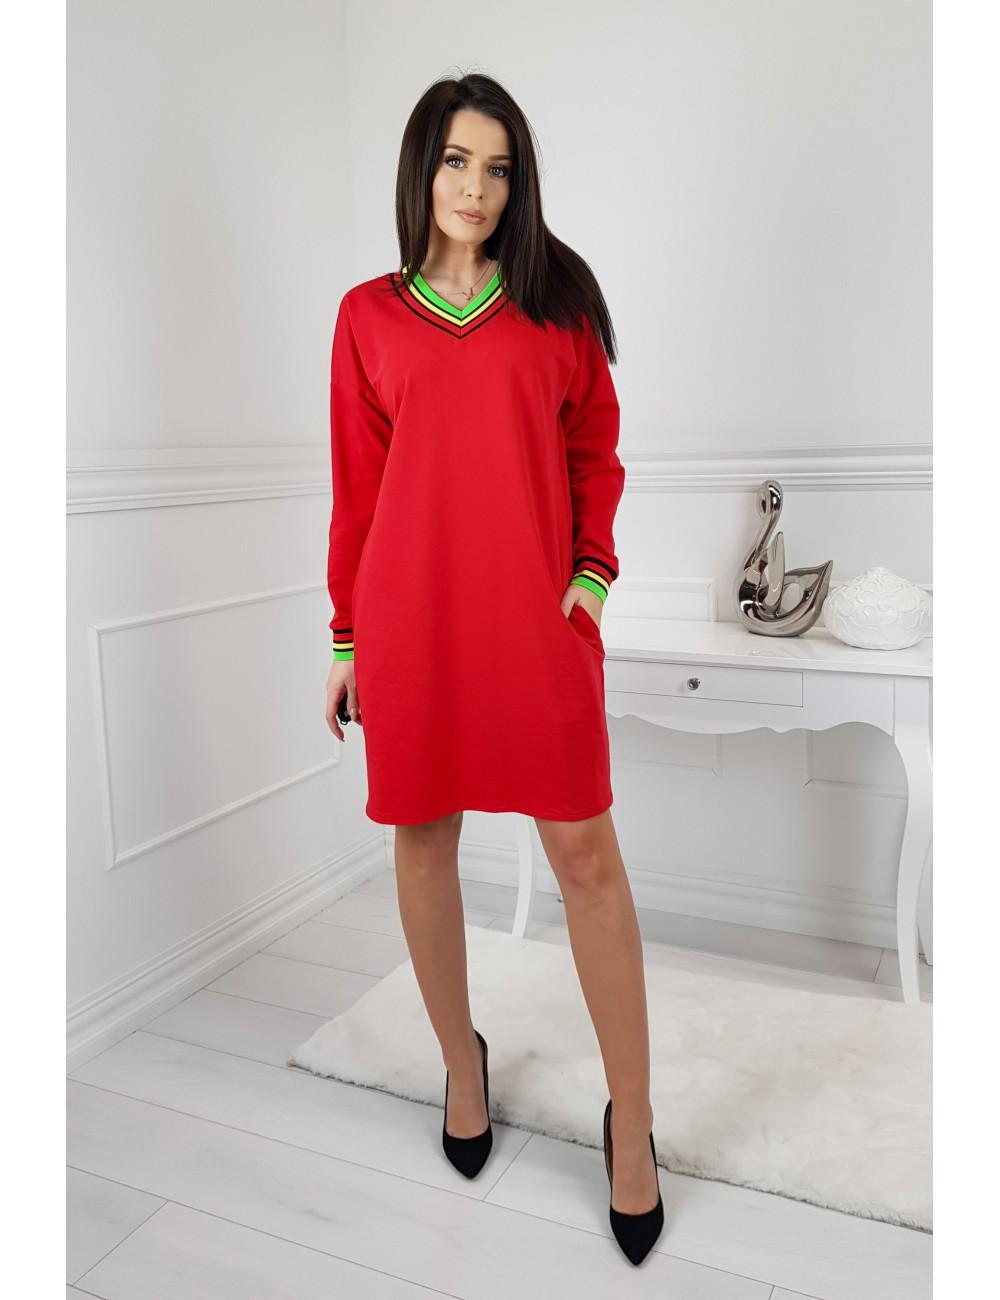 6cda0e5145 Dresowa sukienka Kolor Czerwony Rozmiar 3